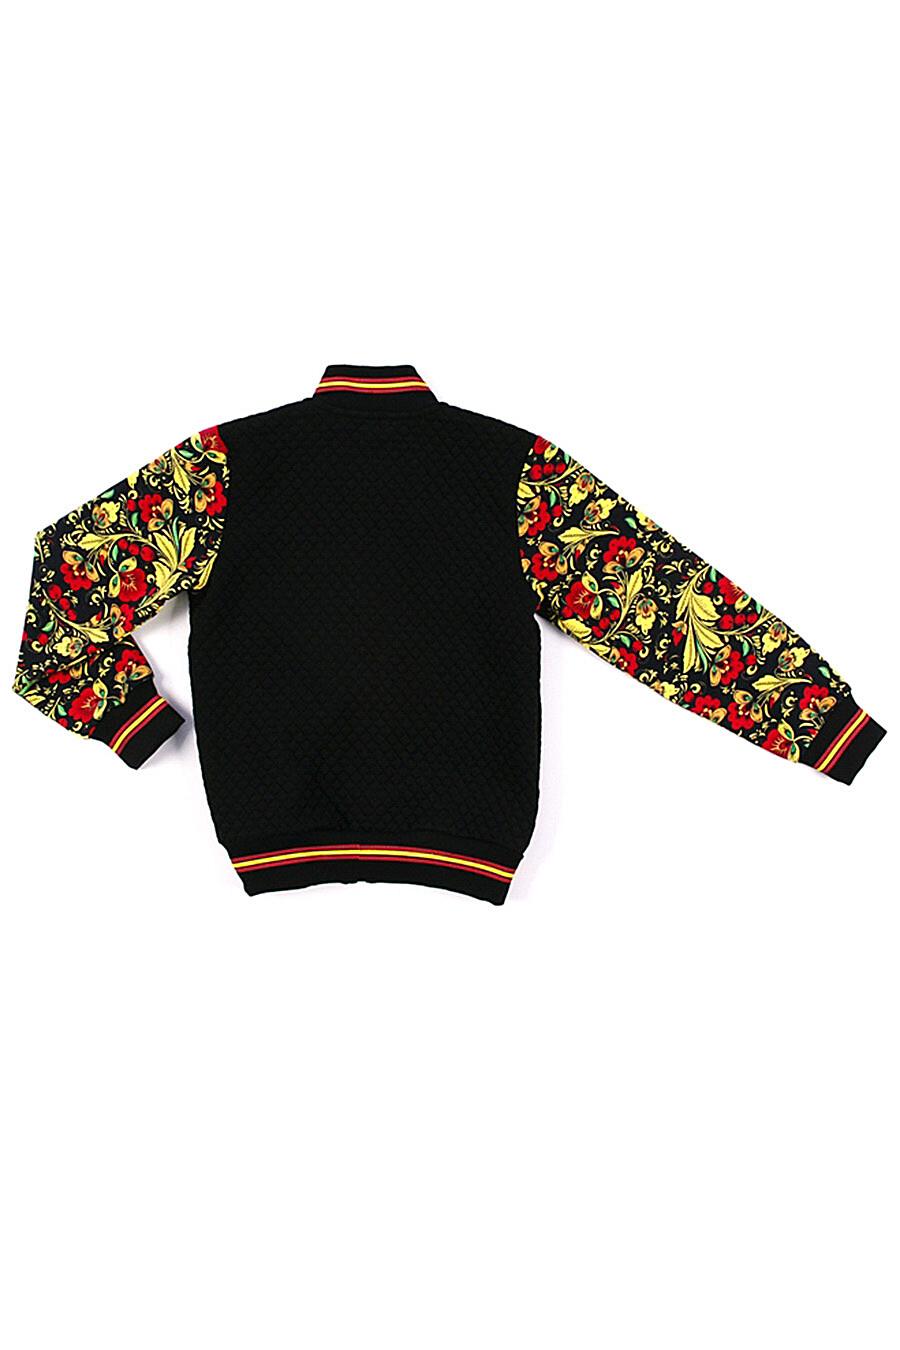 Куртка для девочек Archi 130770 купить оптом от производителя. Совместная покупка детской одежды в OptMoyo